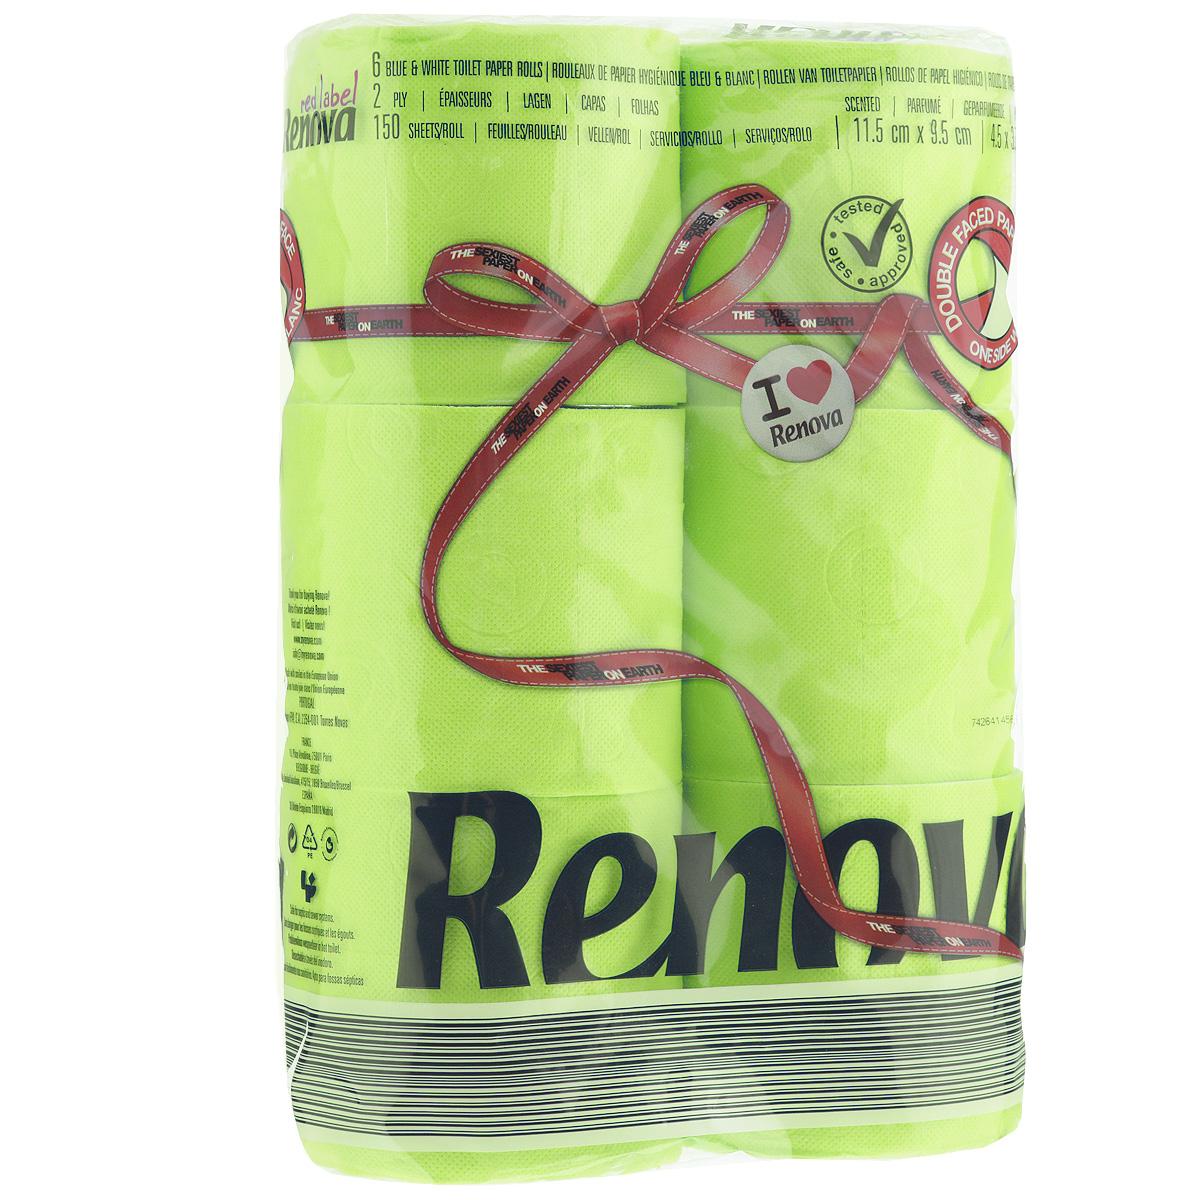 Туалетная бумага Renova, двухслойная, ароматизированная, цвет: зеленый, 6 рулонов68/5/4Туалетная бумага Renova изготовлена по новейшей технологии из 100% ароматизированной целлюлозы, благодаря чему она имеет тонкий аромат, очень мягкая, нежная, но в тоже время прочная. Эксклюзивная двухсторонняя туалетная бумага Renova  экстрамодного цвета, придаст вашему туалету оригинальность.Состав: 100% ароматизированная целлюлоза. Количество листов: 150 шт.Количество слоев: 2.Размер листа: 11,5 см х 9,5 см.Количество рулонов: 6 шт.Португальская компания Renova является ведущим разработчиком новейших технологий производства, нового стиля и направления на рынке гигиенической продукции. Современный дизайн и высочайшее качество, дерматологический контроль - это то, что выделяет компанию Renova среди других производителей бумажной санитарно-гигиенической продукции.